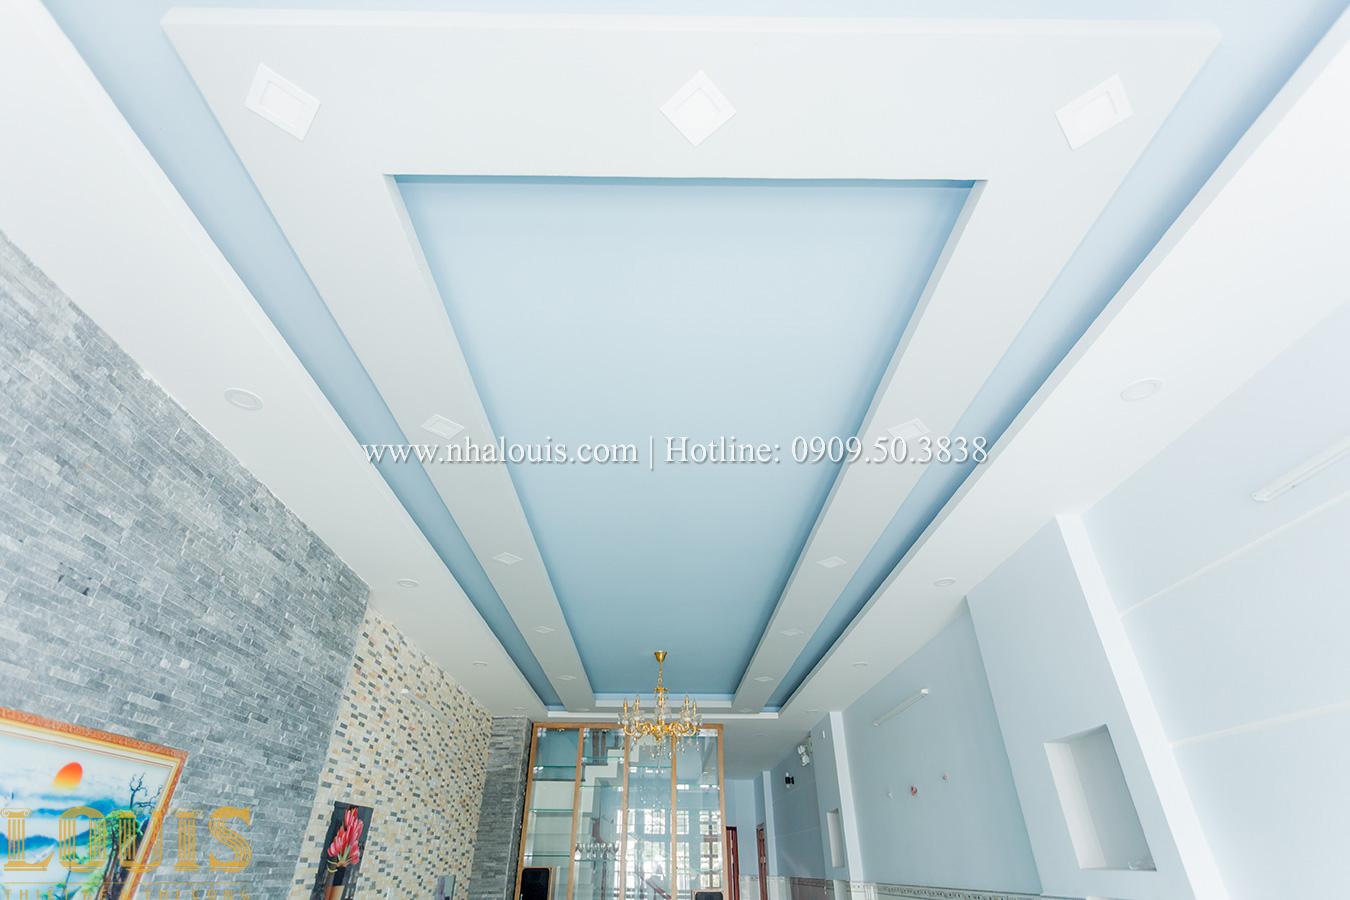 Dự án thi công nhà phố 5 tầng hoàn tất mở ra không gian sống đẹp hiện đại cho gia chủ